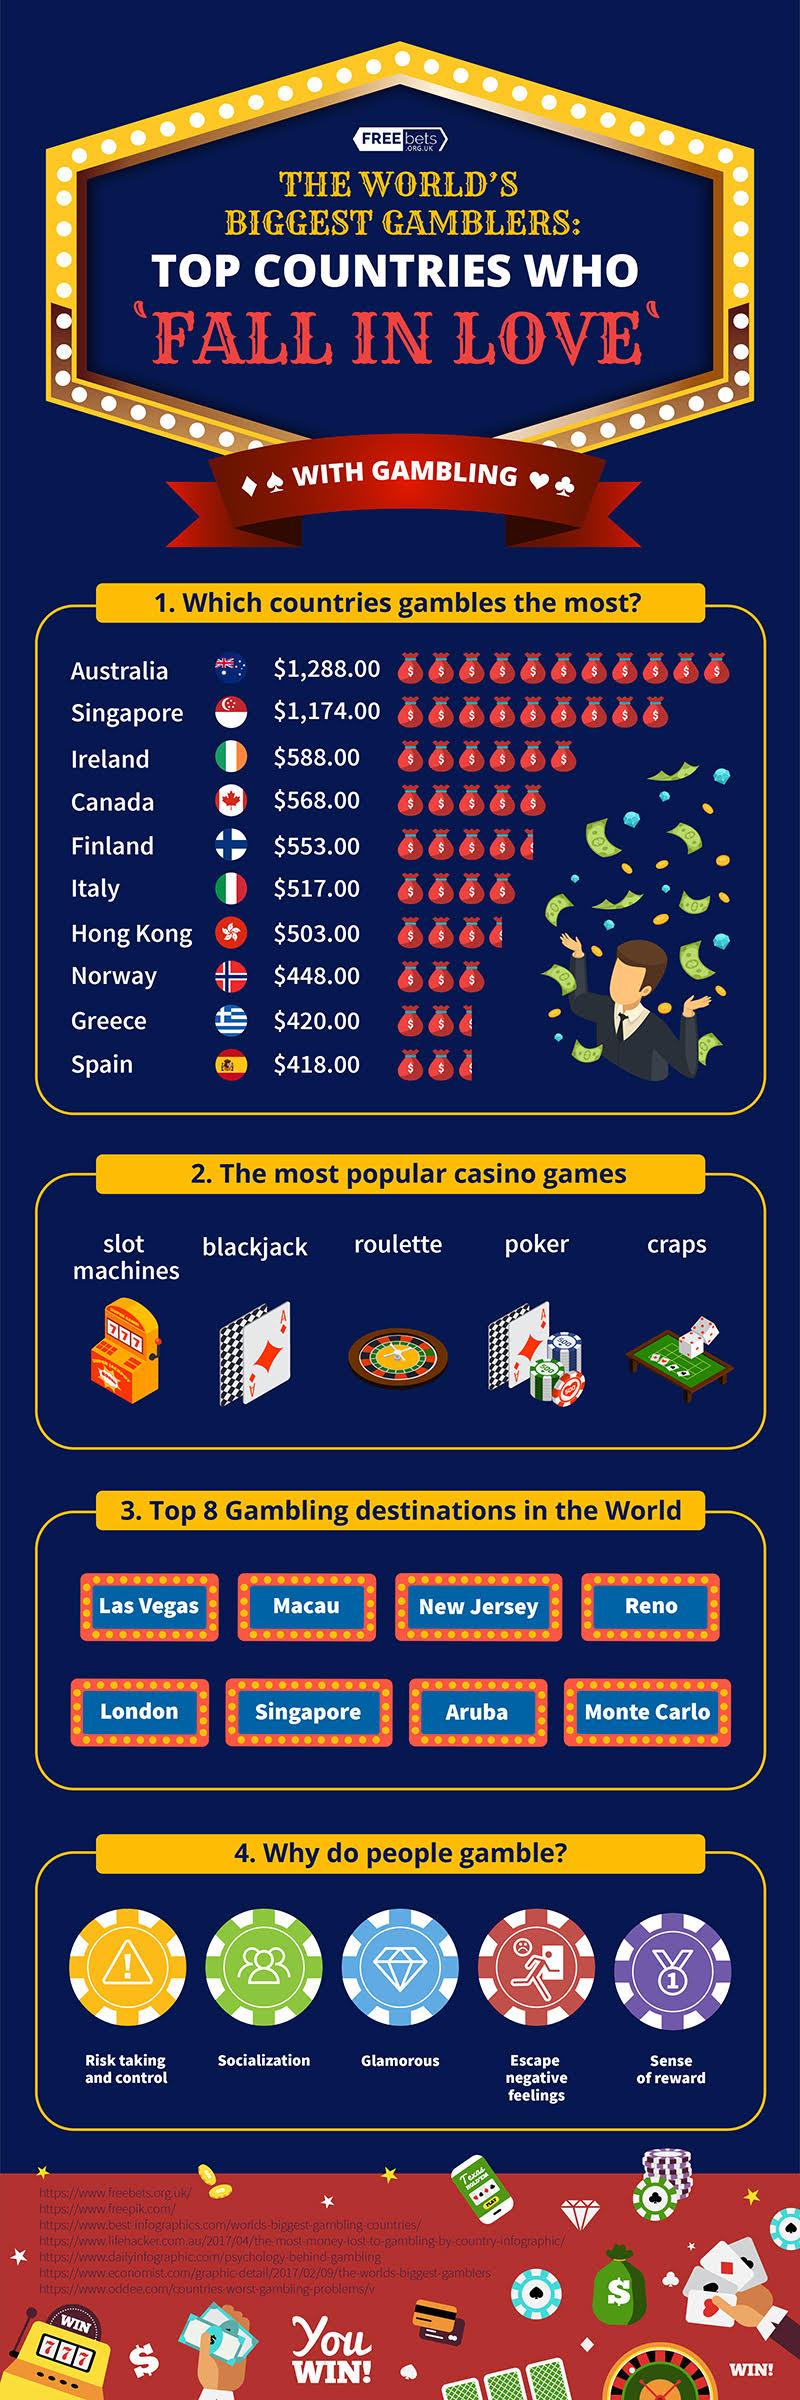 Biggest Gamblers